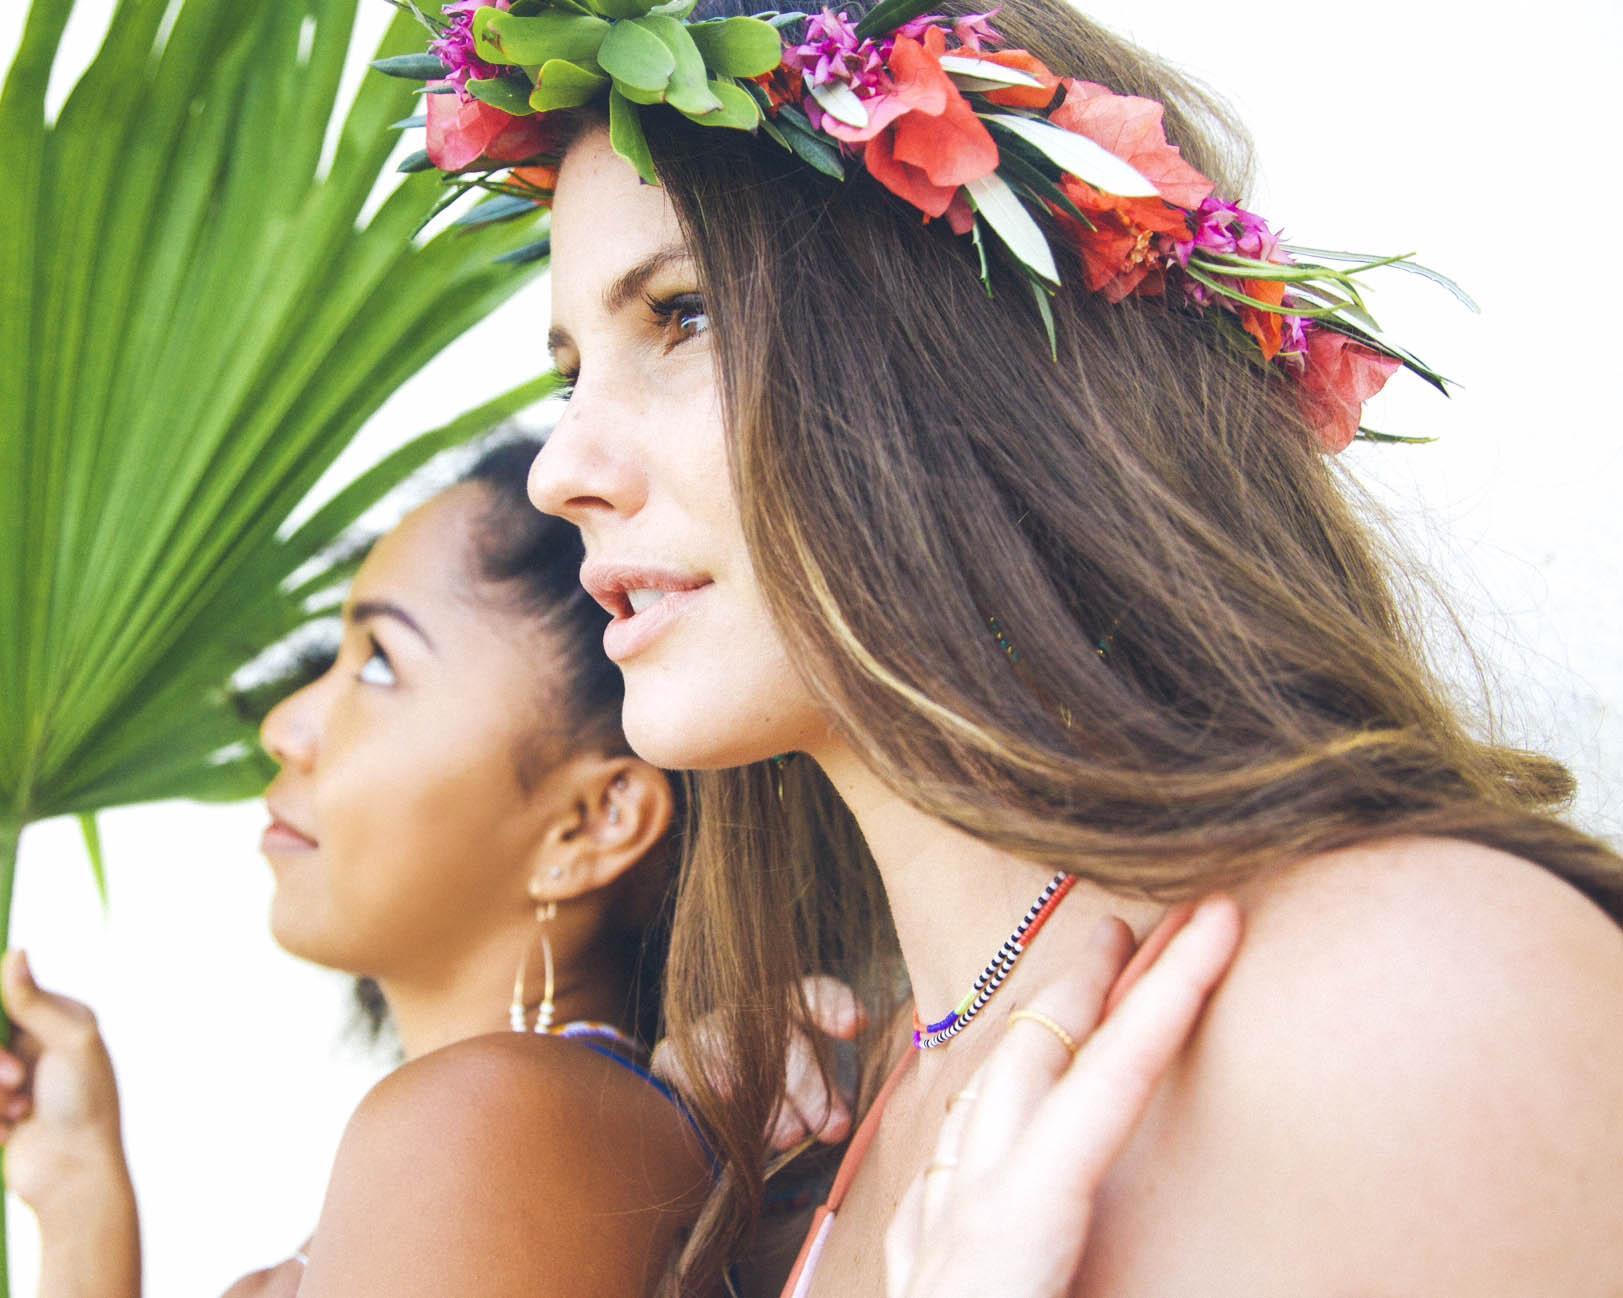 kenna reed paiko flower crown